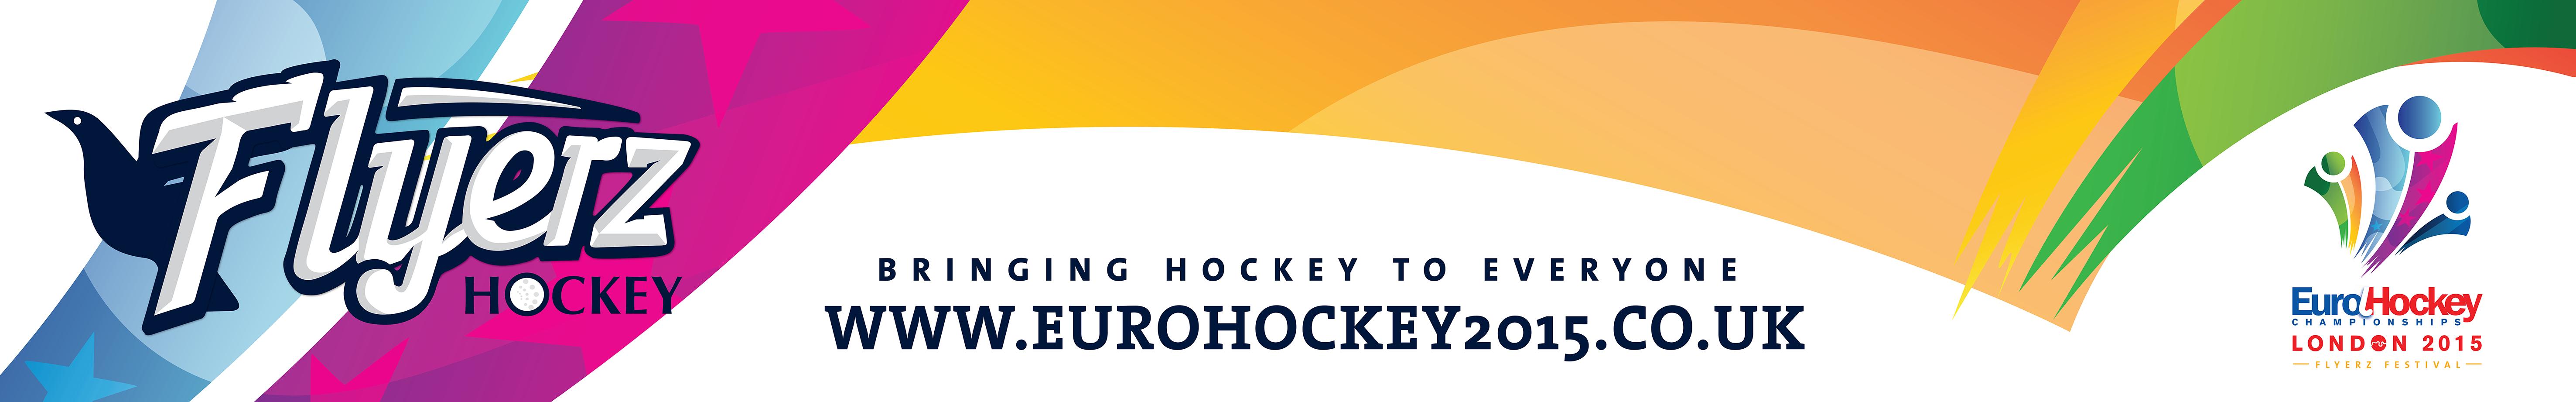 Euro Hockey Banner Flyerz 2015 v2-01